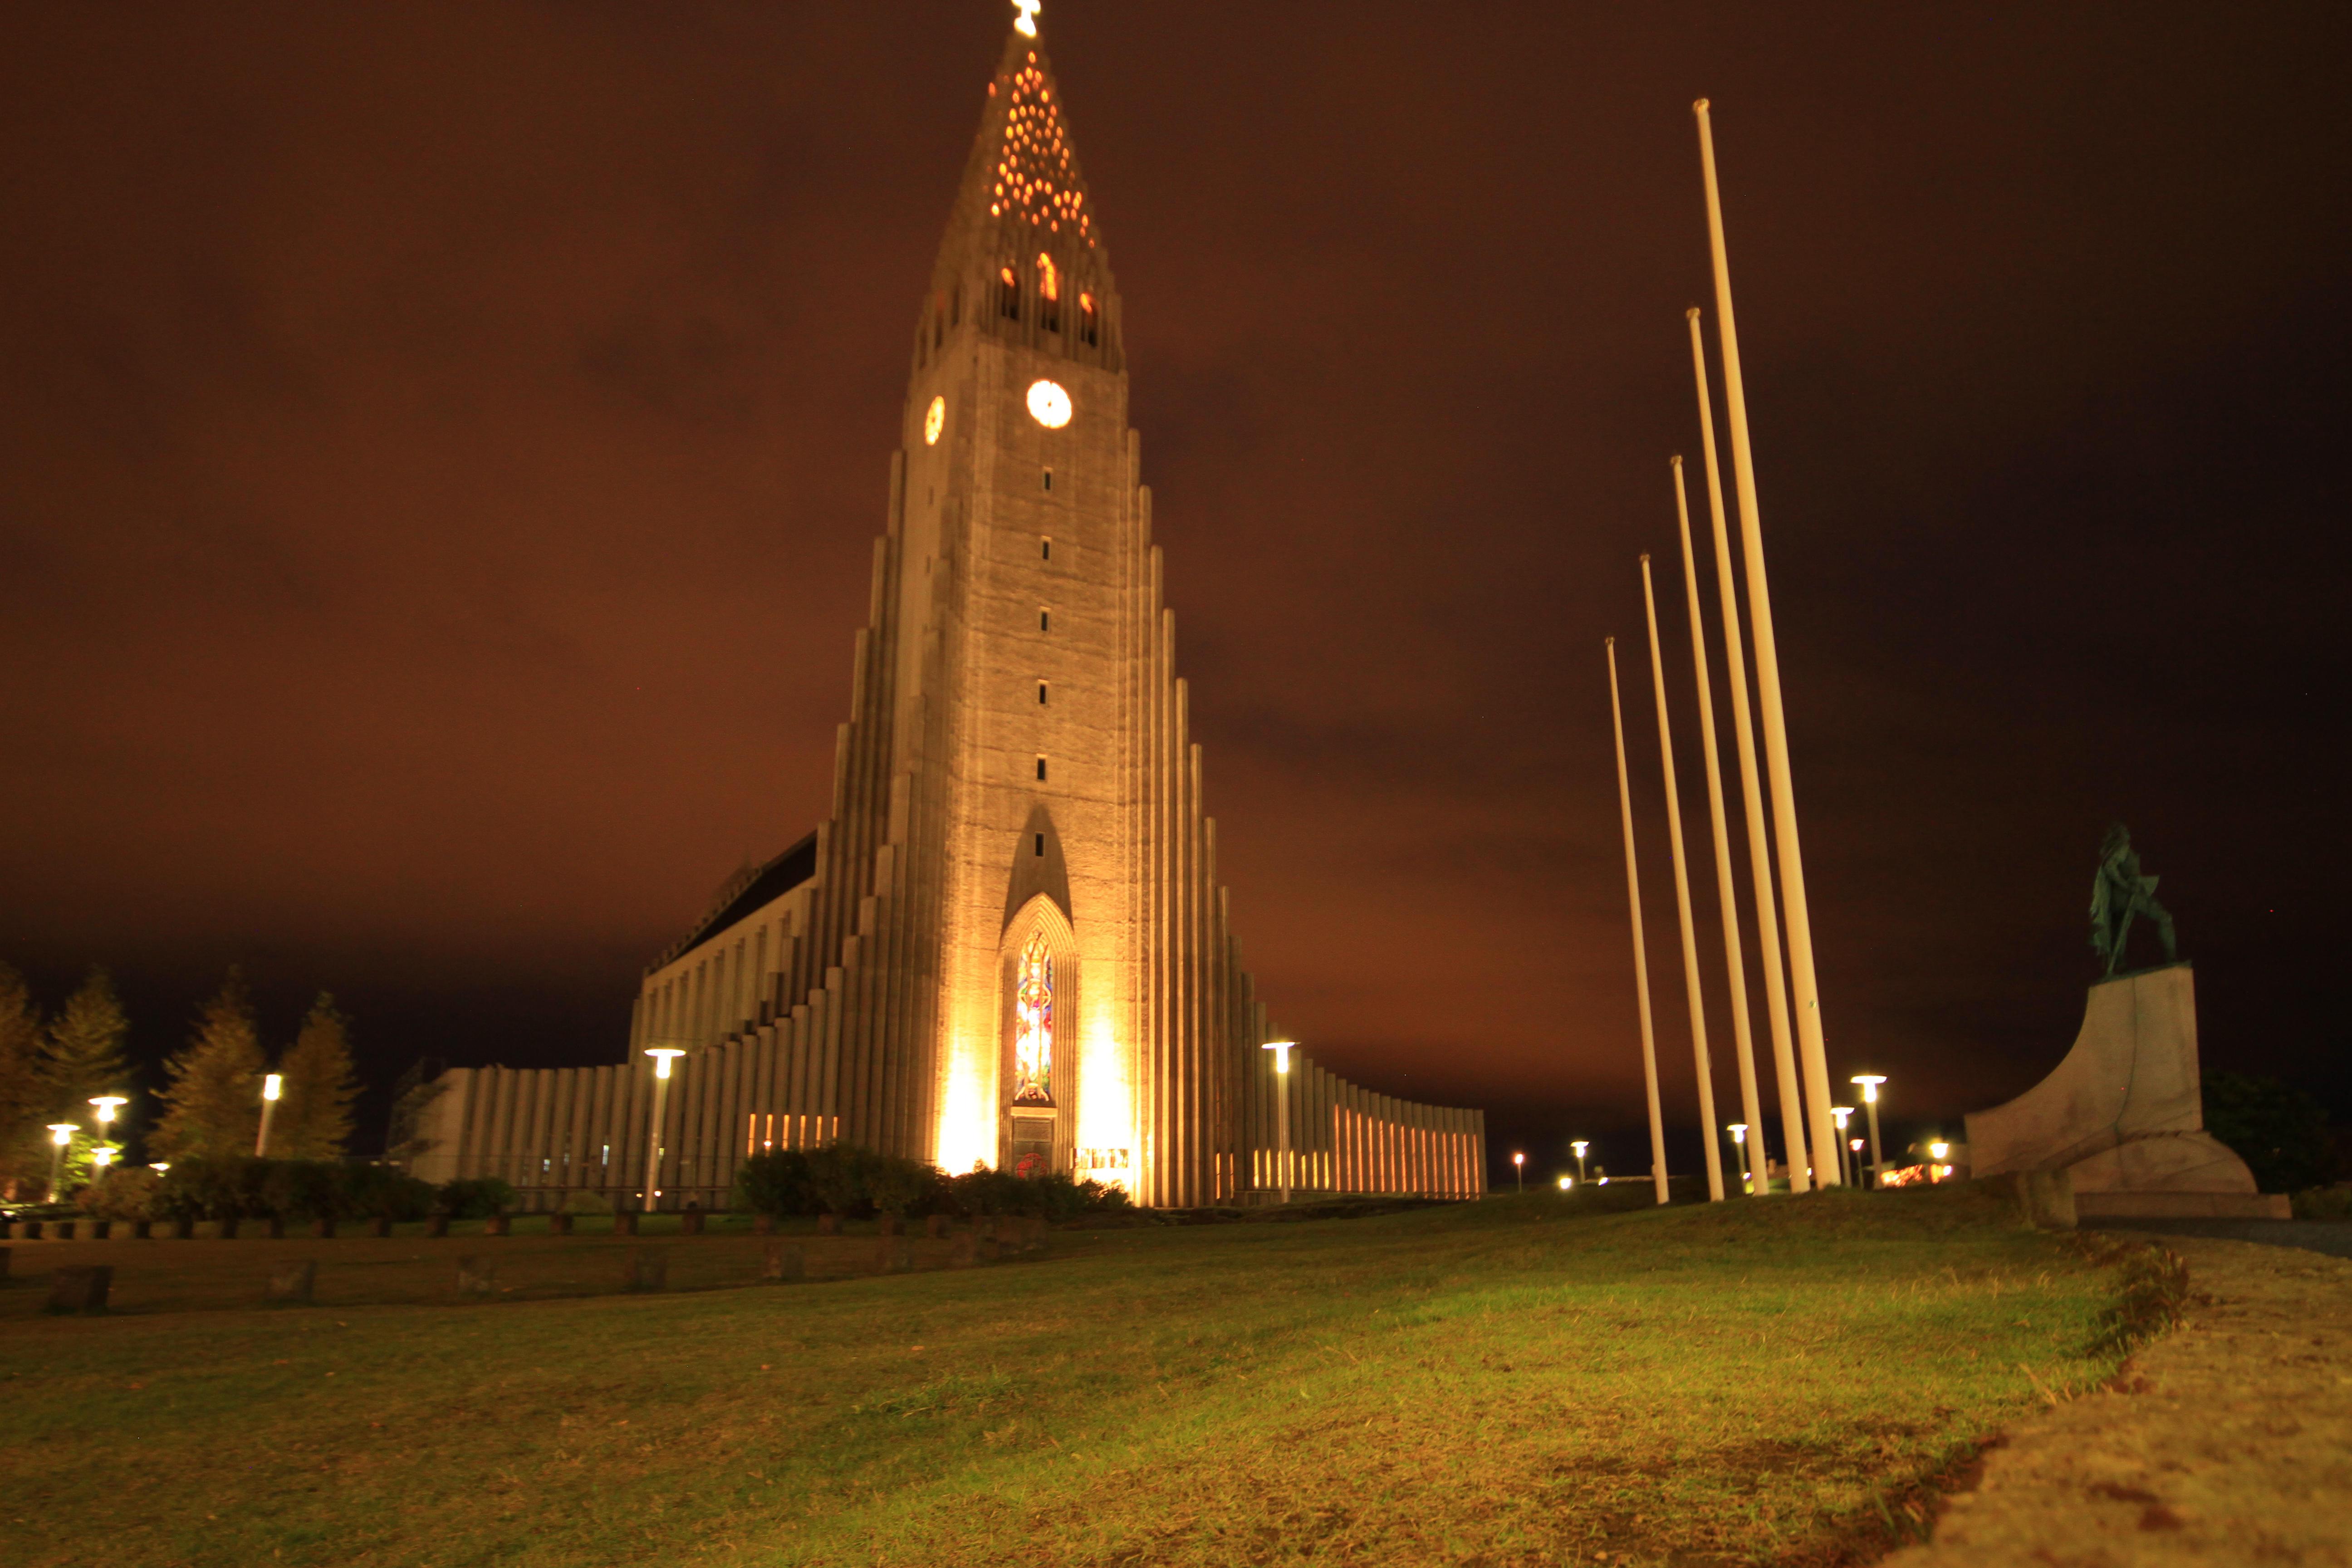 Die Hallgrímskirkja bei bei Nacht: Das Wahrzeichen Reykjavíks